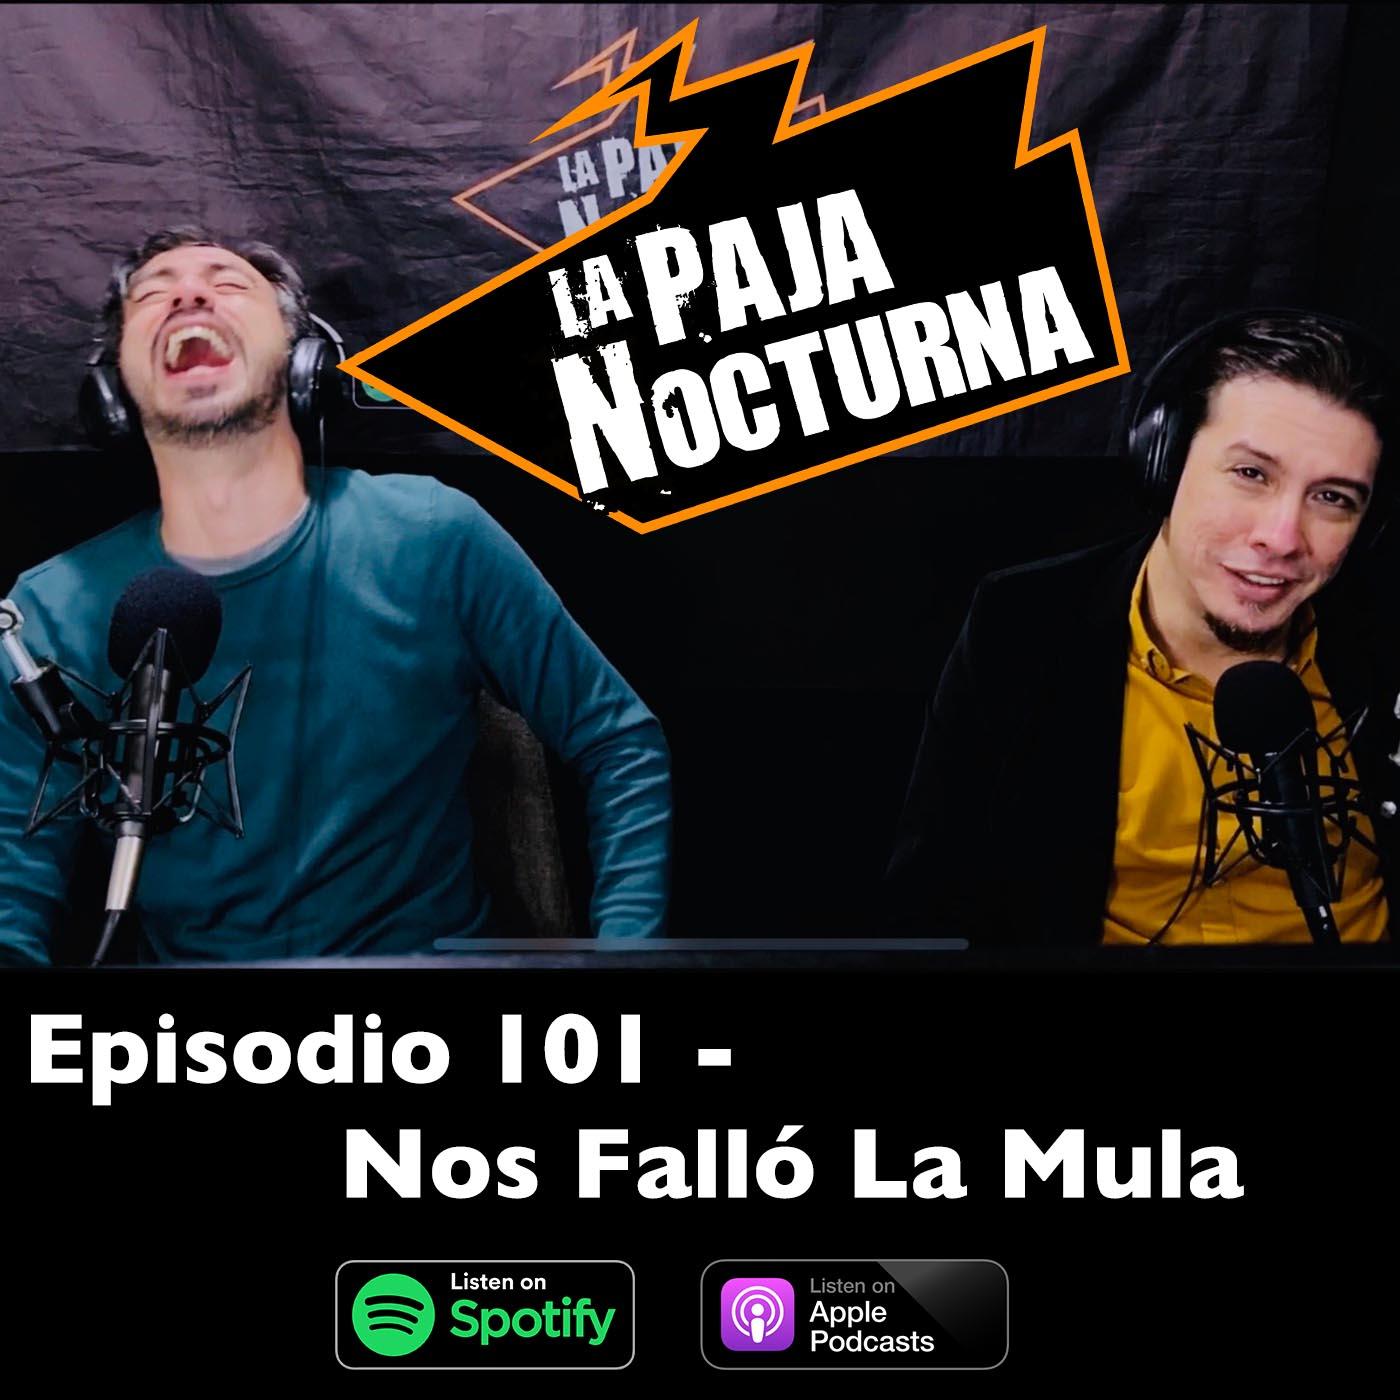 La paja nocturna podcast Episodio 101